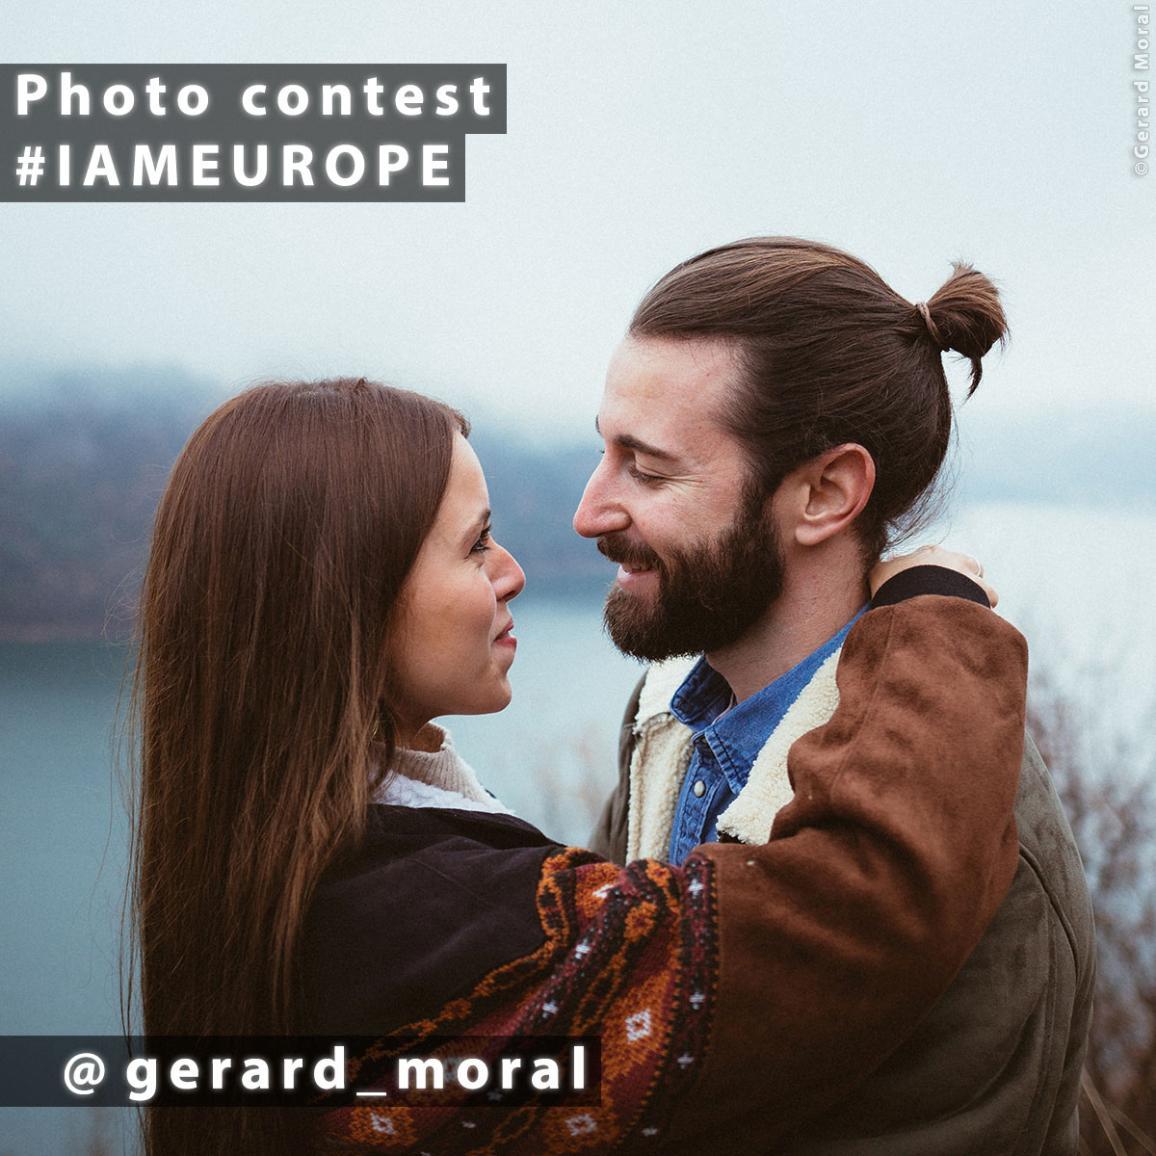 Foto: Muchas gracias al fotógrafo español, Gerard Moral (instagram @gerard_moral) por dar su testimonio en el concurso.